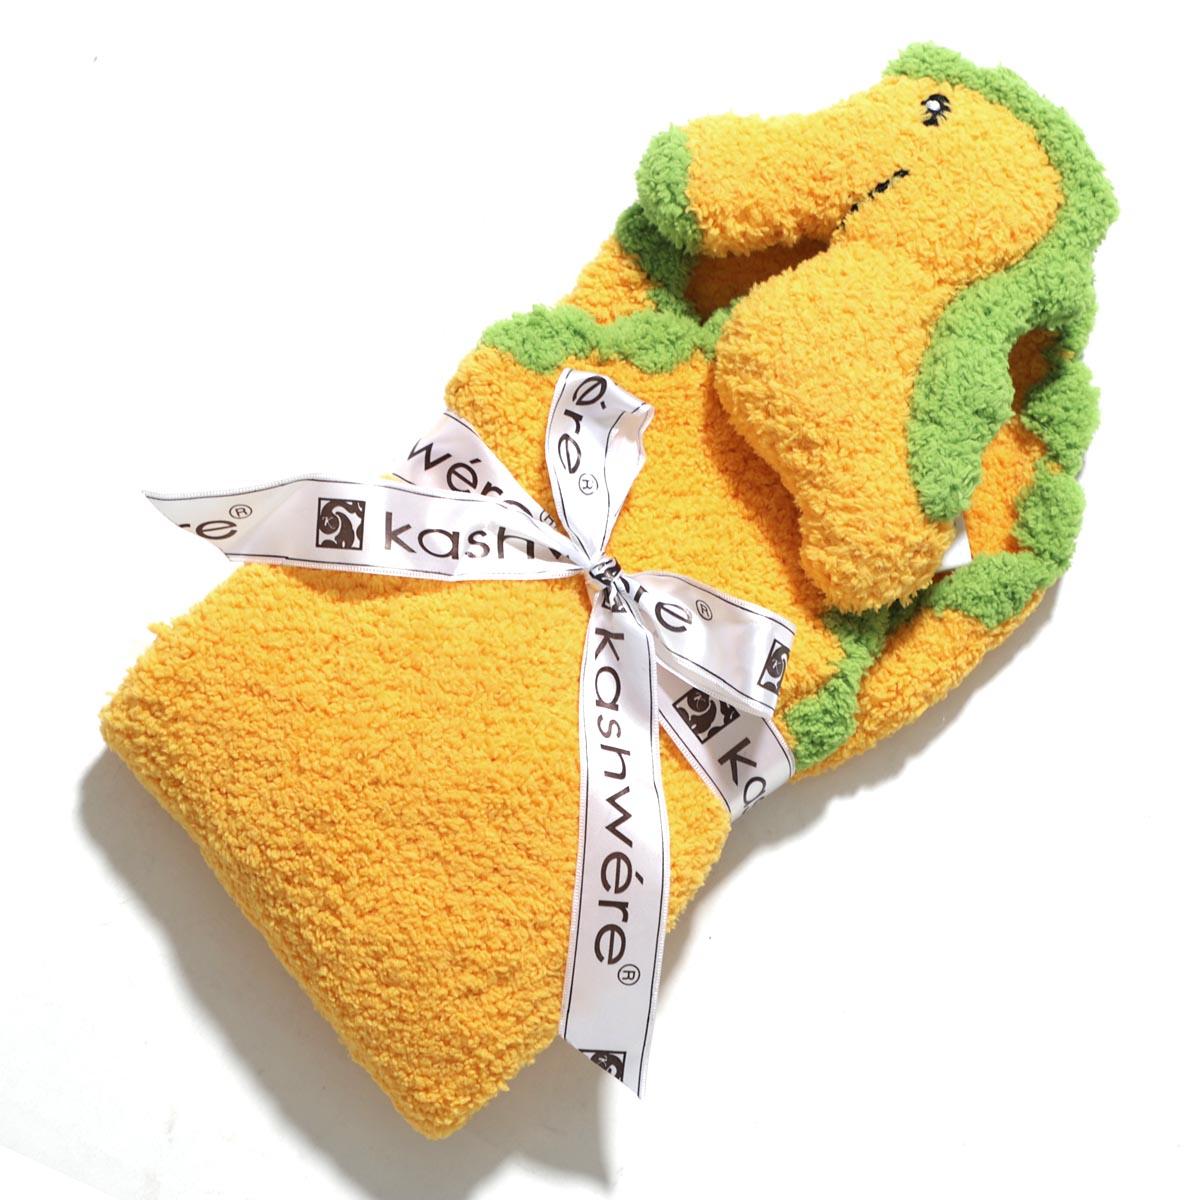 カシウエア Kashwere ベビーブランケット シーホース kk 60 14 211 seahorse【あす楽対応_関東】【返品送料無料】【ラッピング無料】【190826】